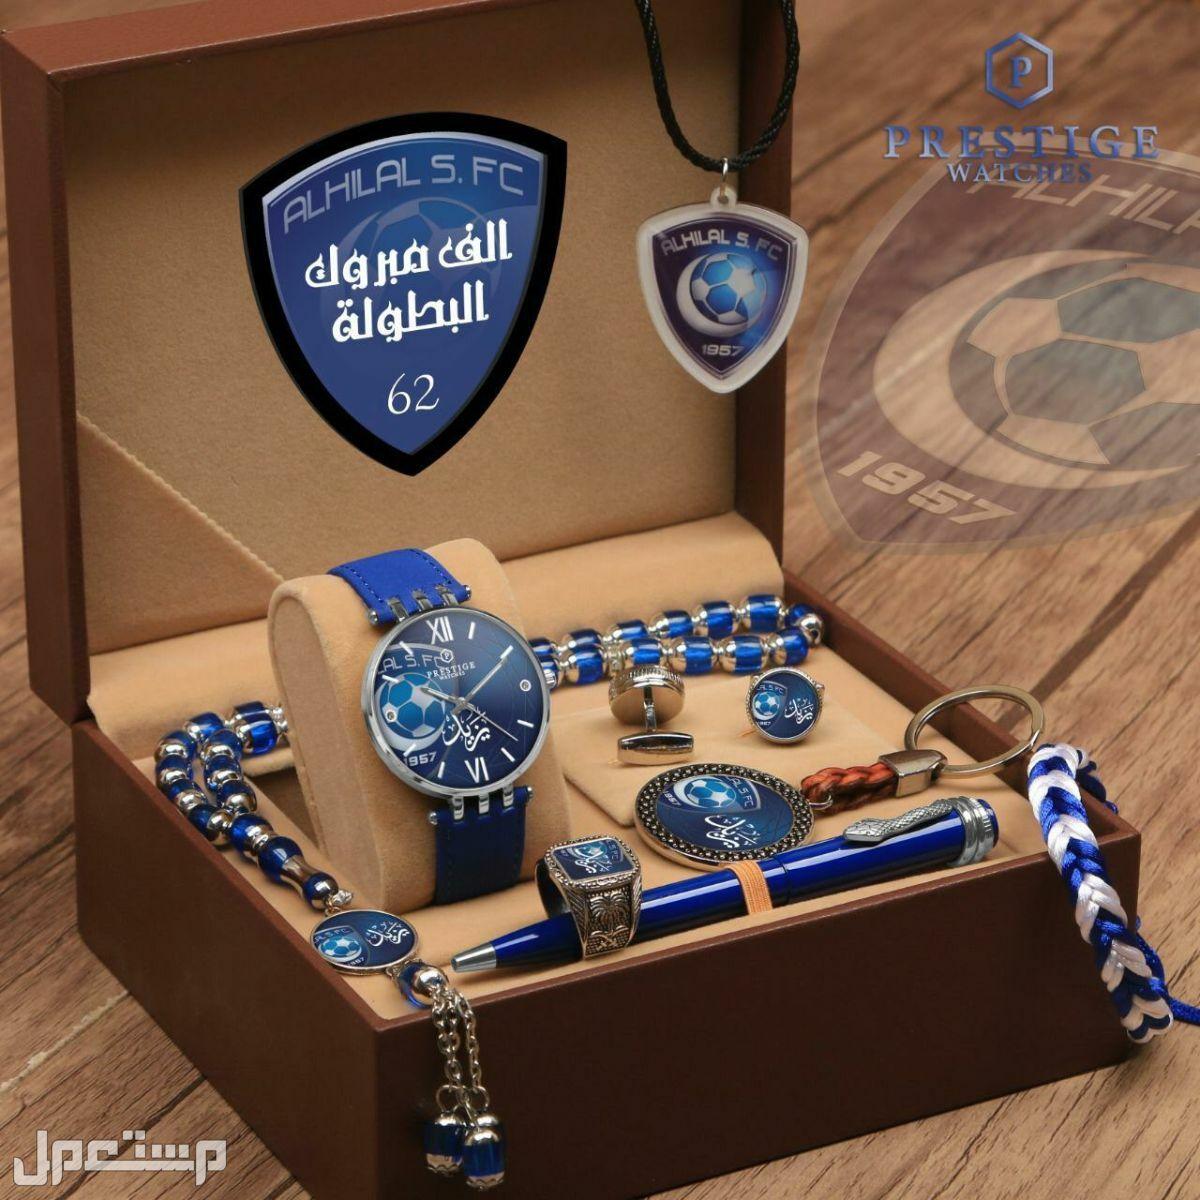 لعشاق ومحبي نادي الهلال # اطقم باسمك وبشعار ناديك المفضل